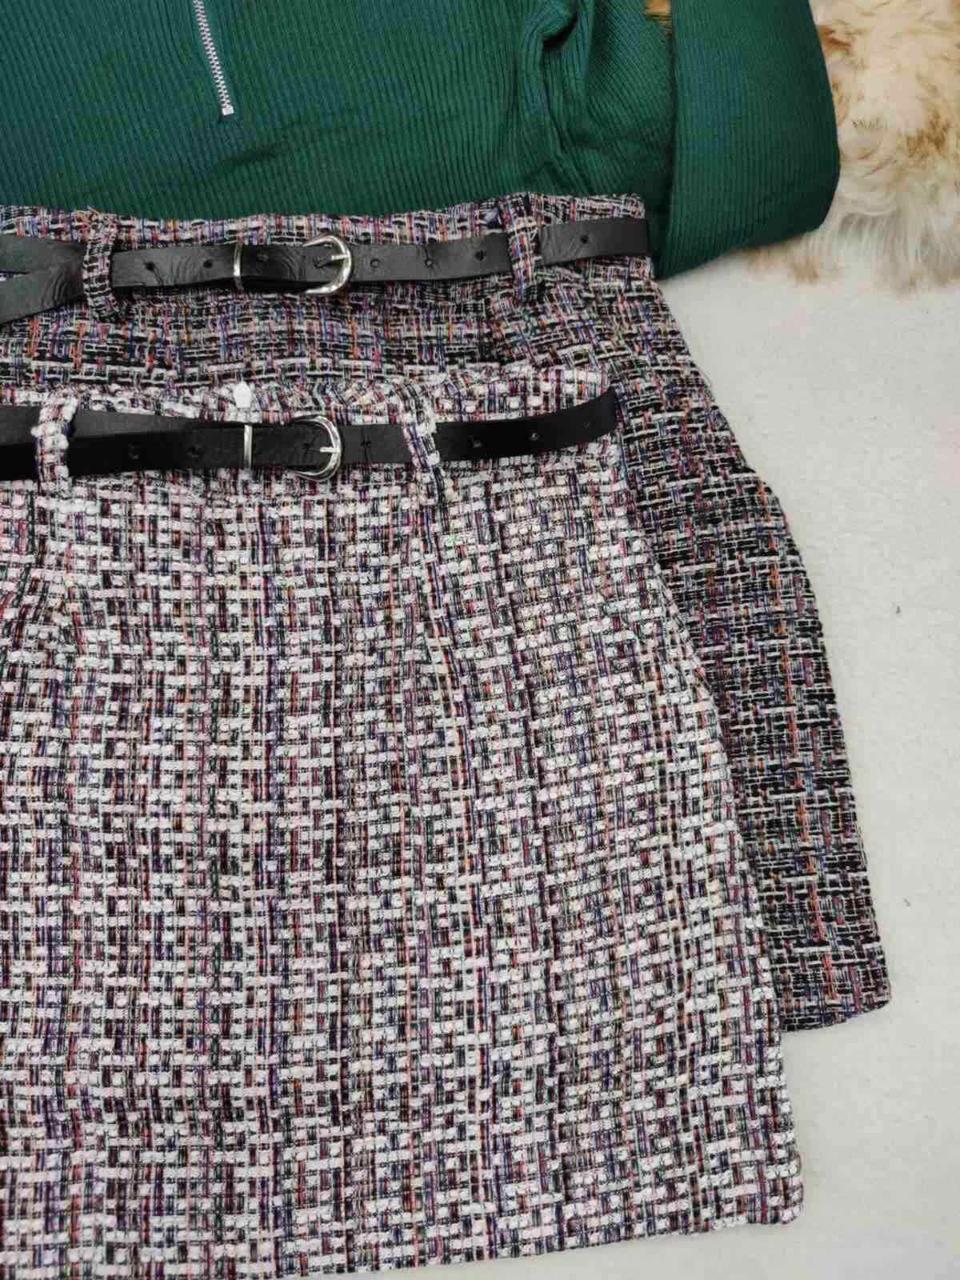 Юбки с поясом-фабричный Китай. Размеры: 42,44,46. Ткань-букле-очень хорошего качества.